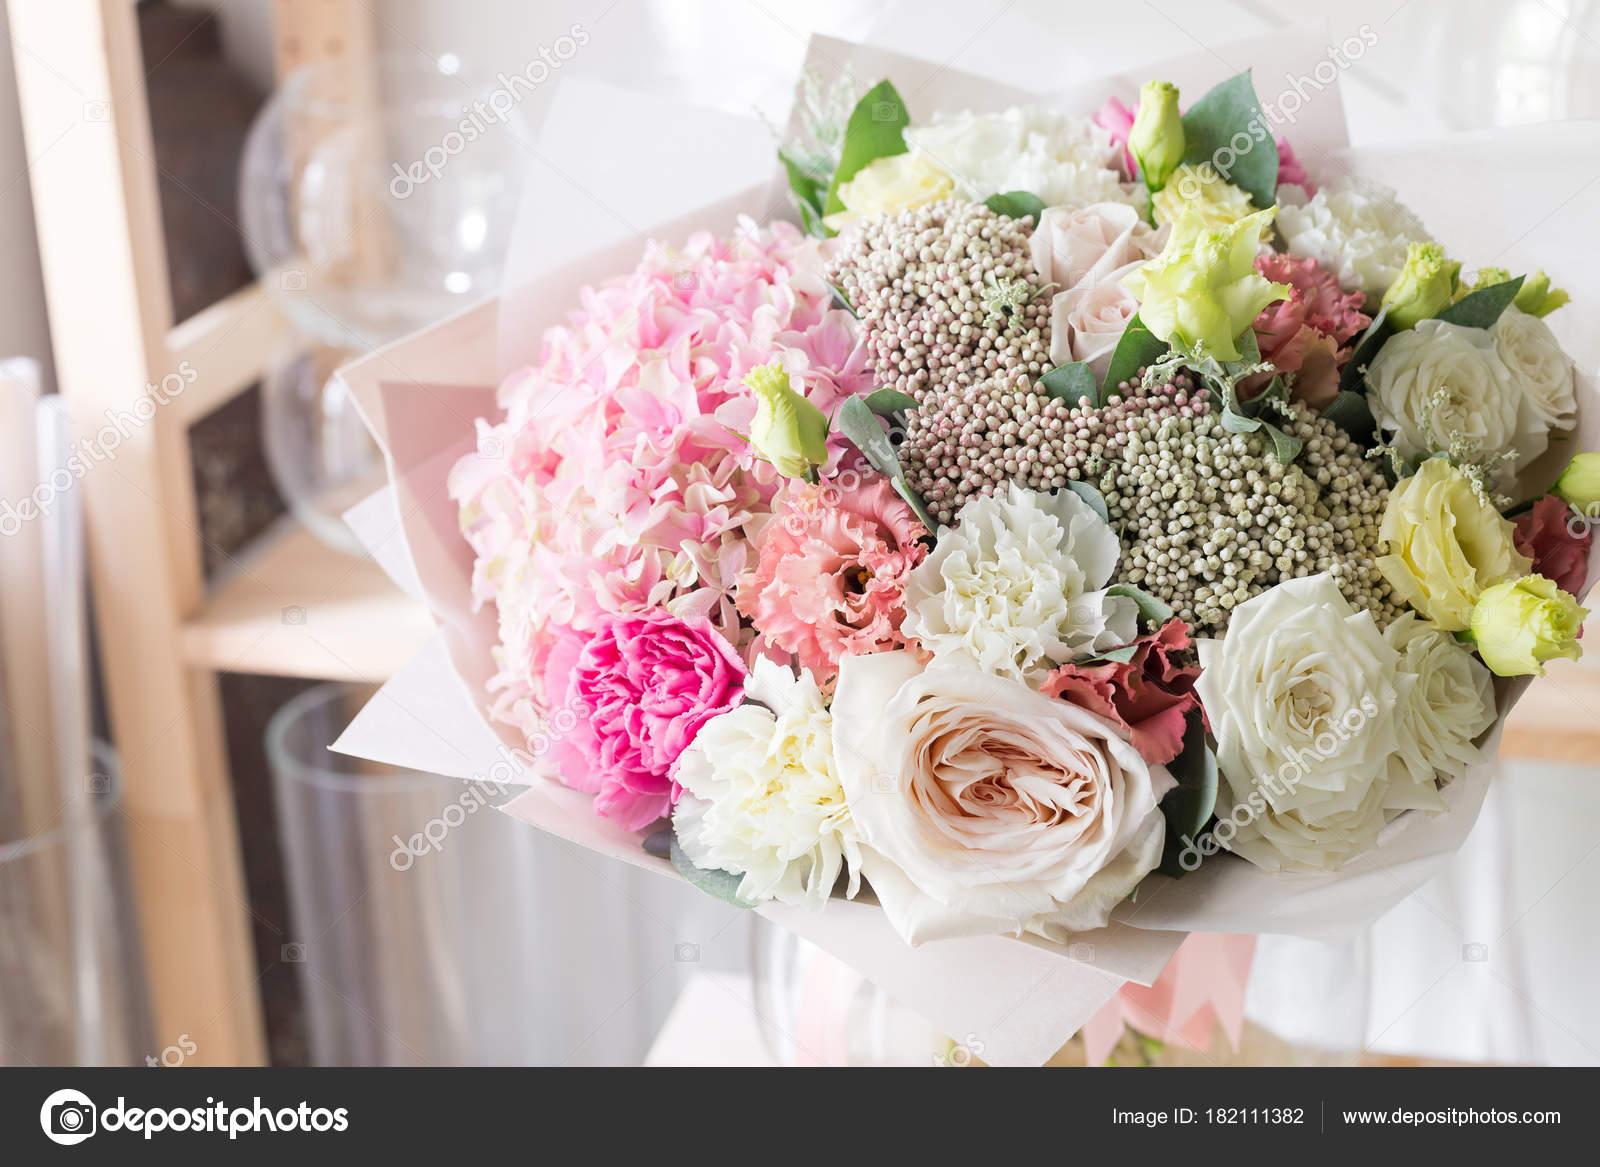 Bouquet in foamiran paper a simple bouquet of flowers and greens bouquet in foamiran paper a simple bouquet of flowers and greens stock photo izmirmasajfo